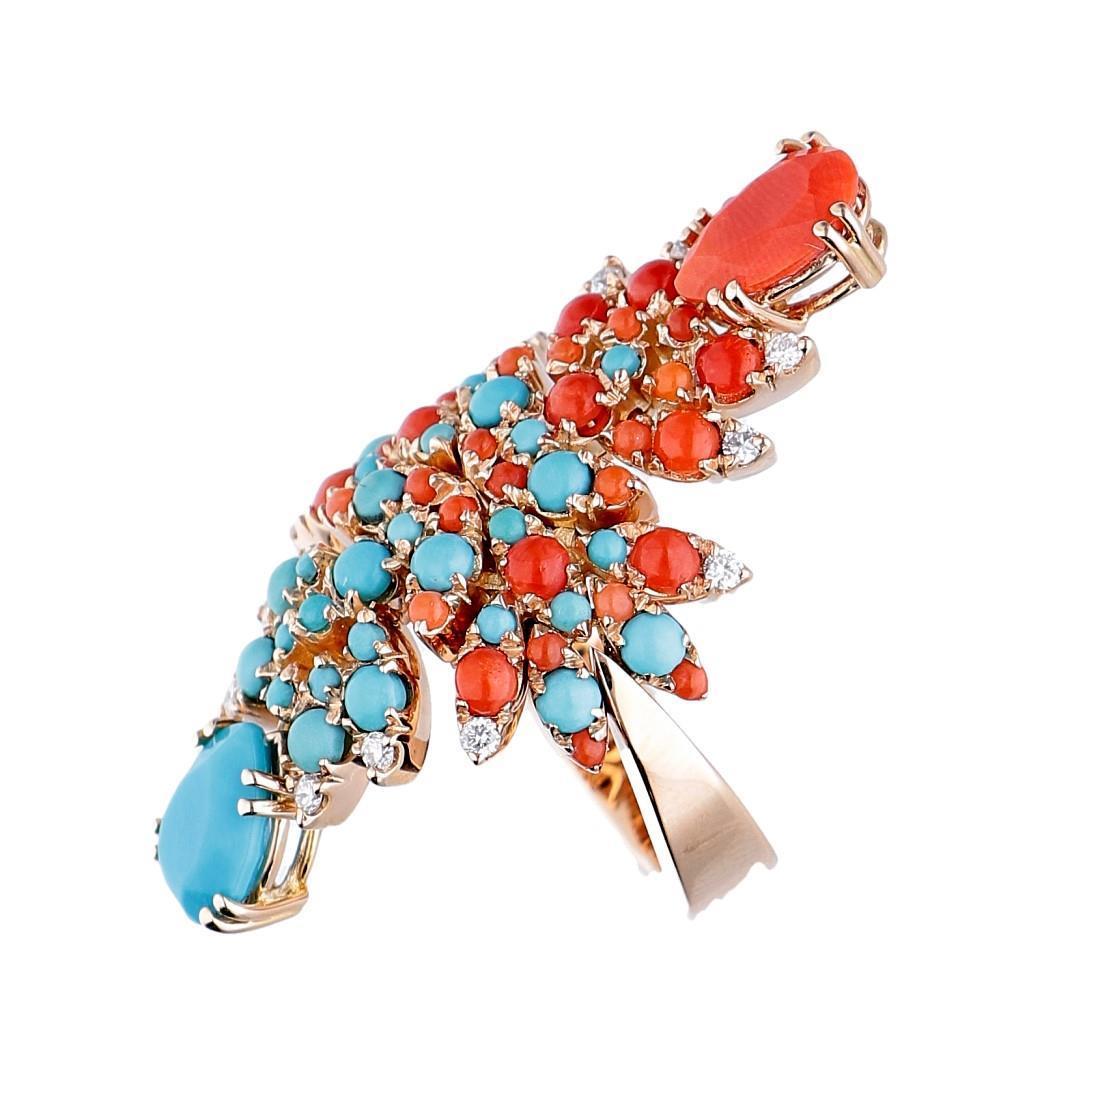 Anello con diamanti, turchese e corallo - PASQUALE BRUNI